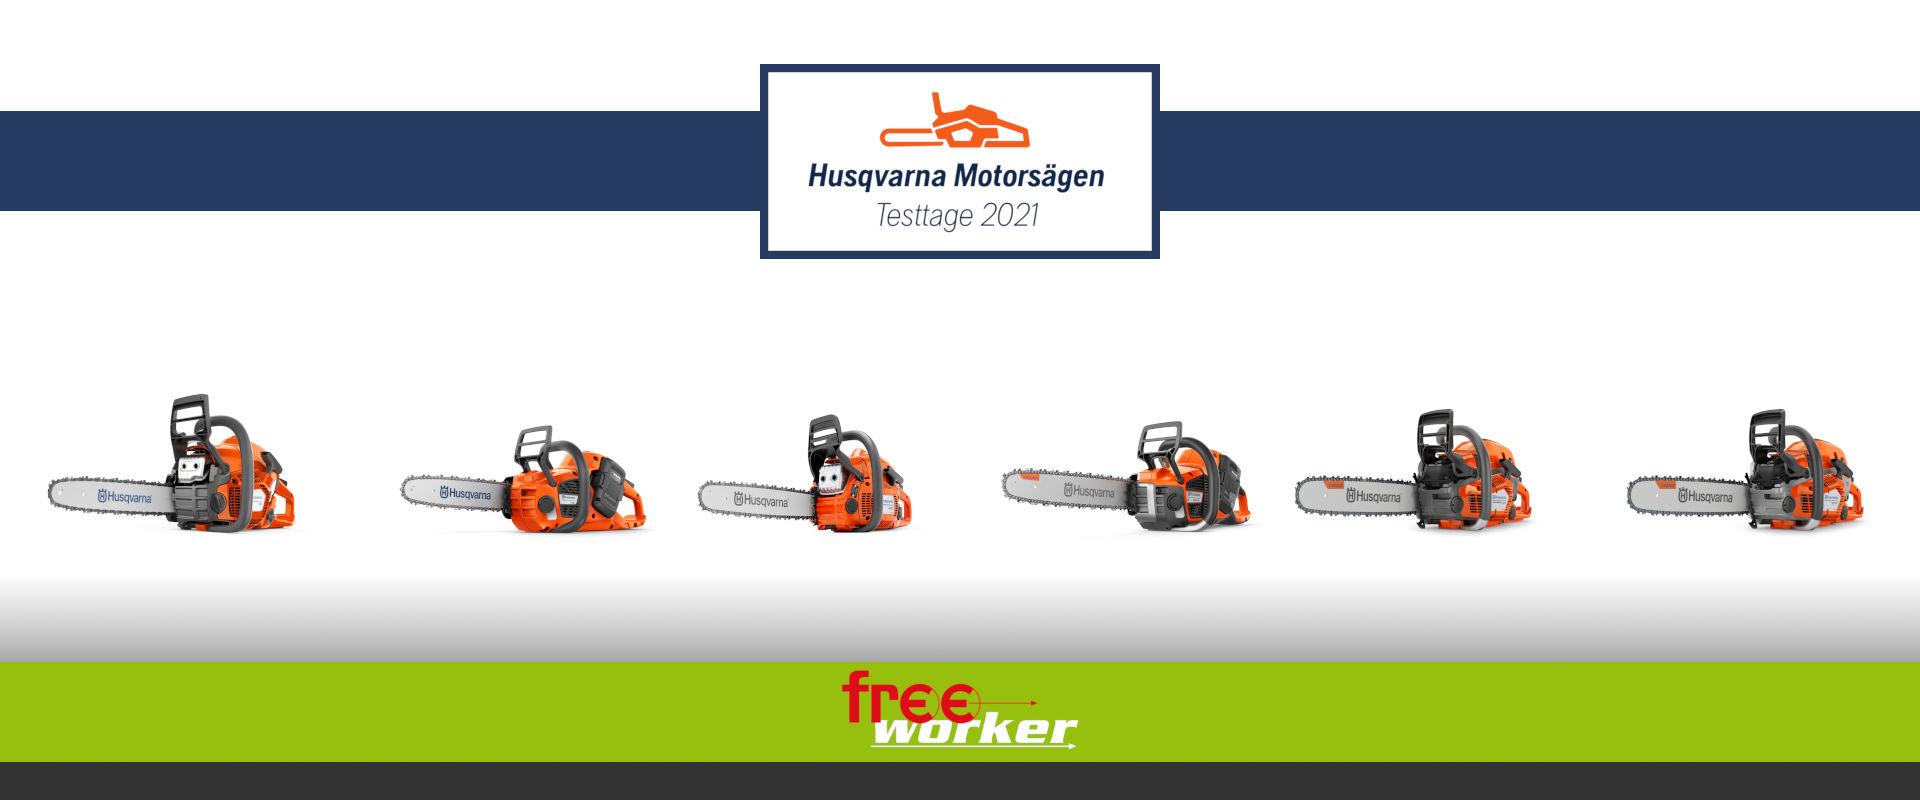 Permalink zu:Husqvarna Motorsägen Testtage 2021